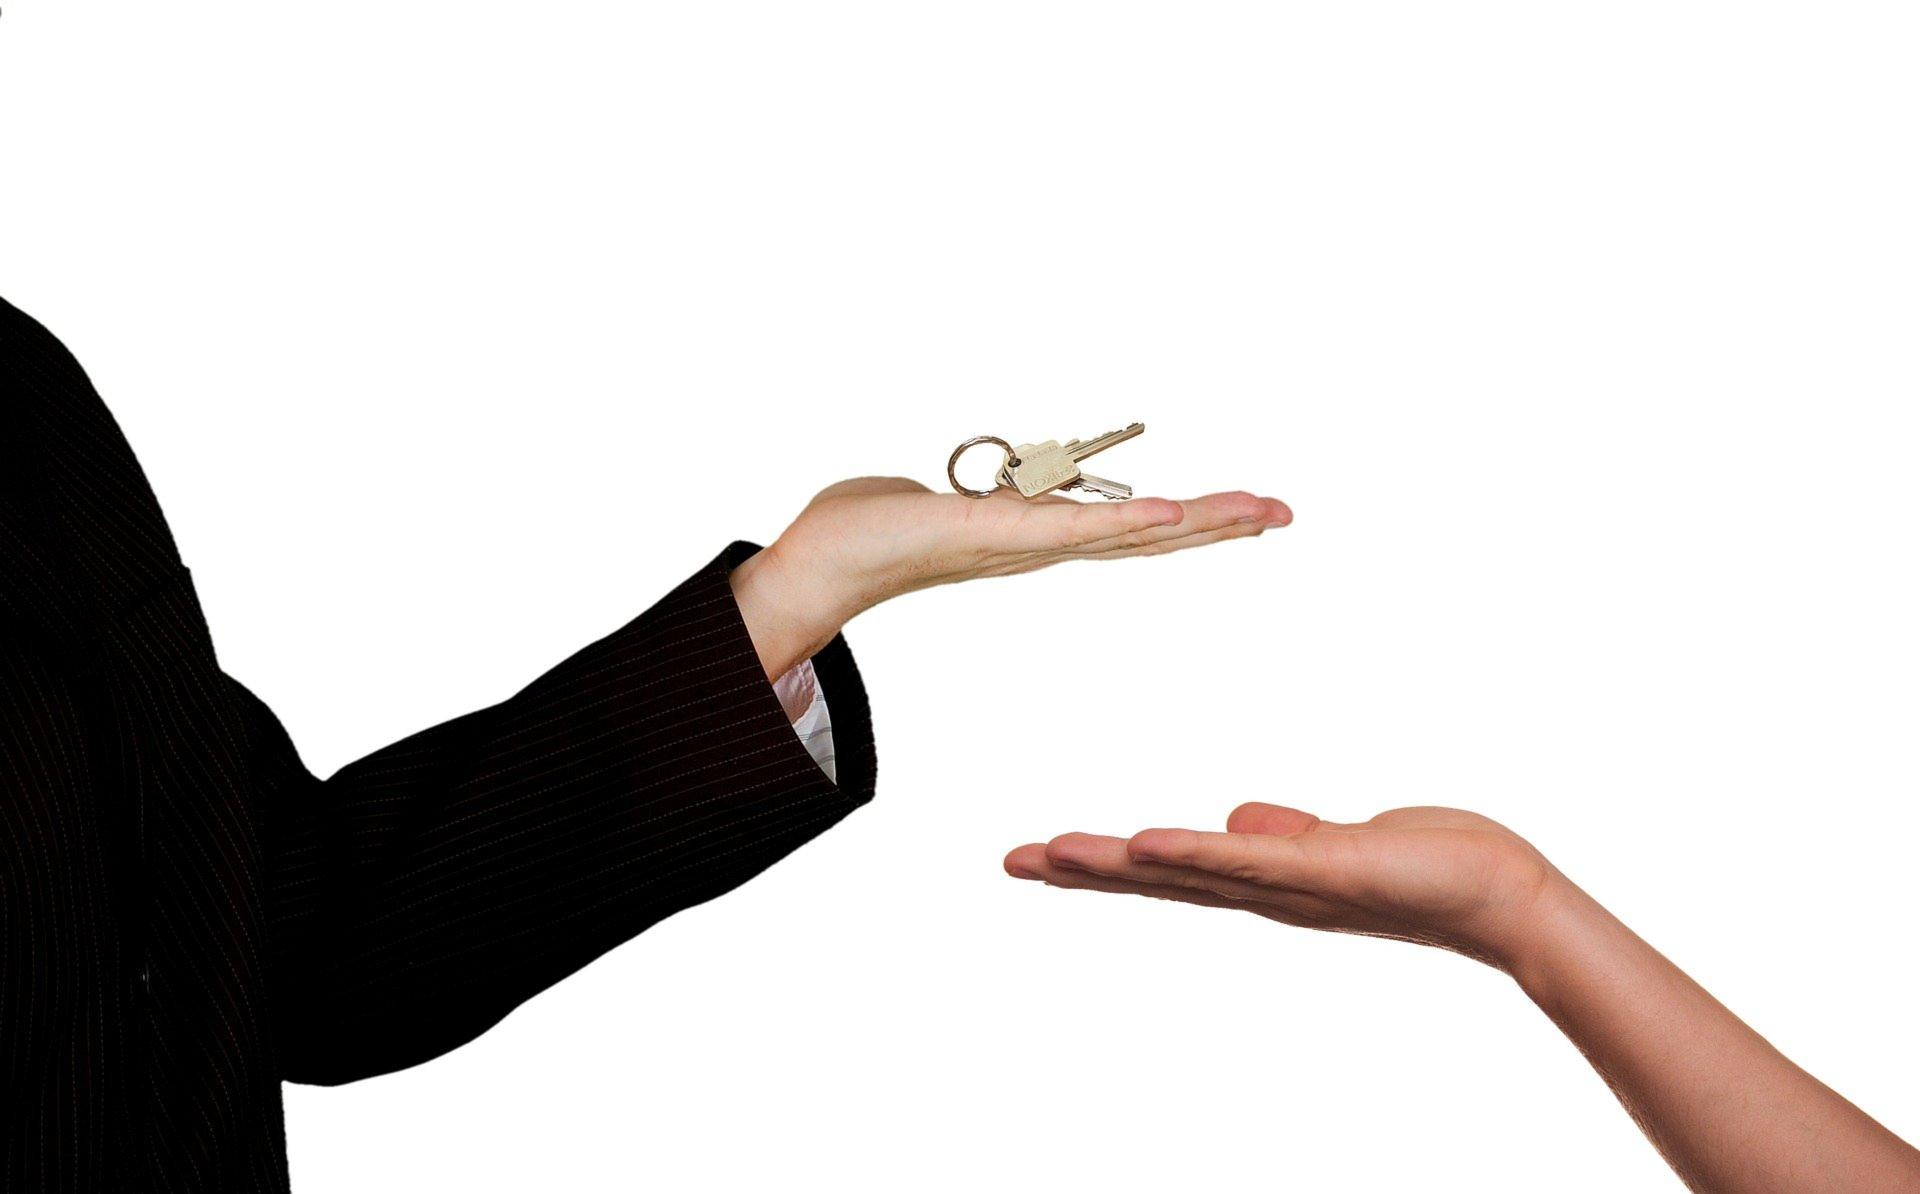 Важным вопросом для продавца квартиры во время сделки остается ее безопасность